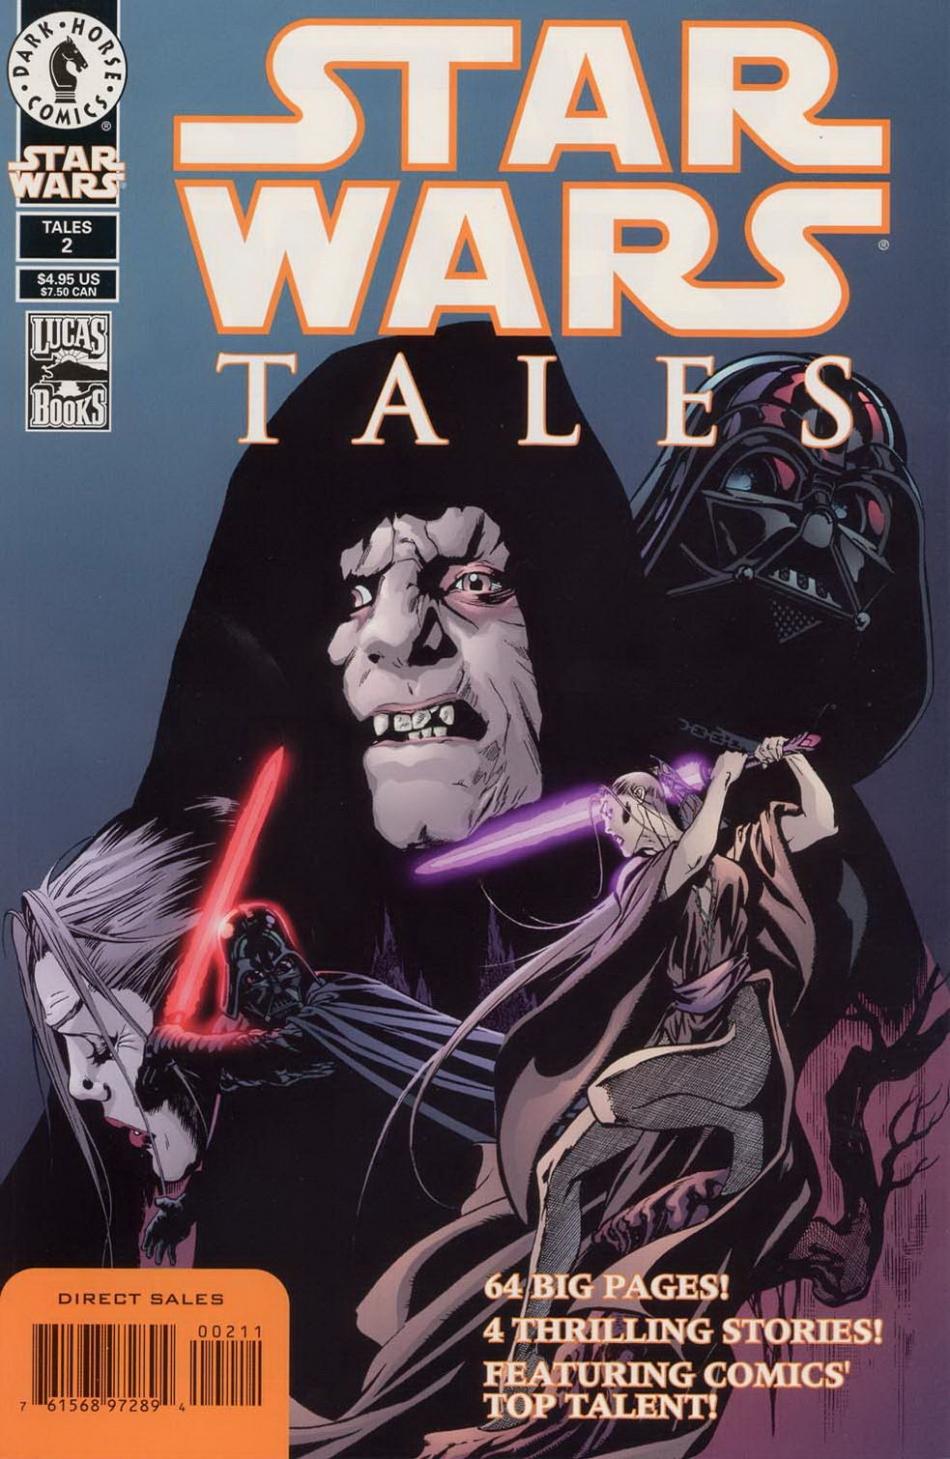 Star Wars Tales #2 (05.01.2000)